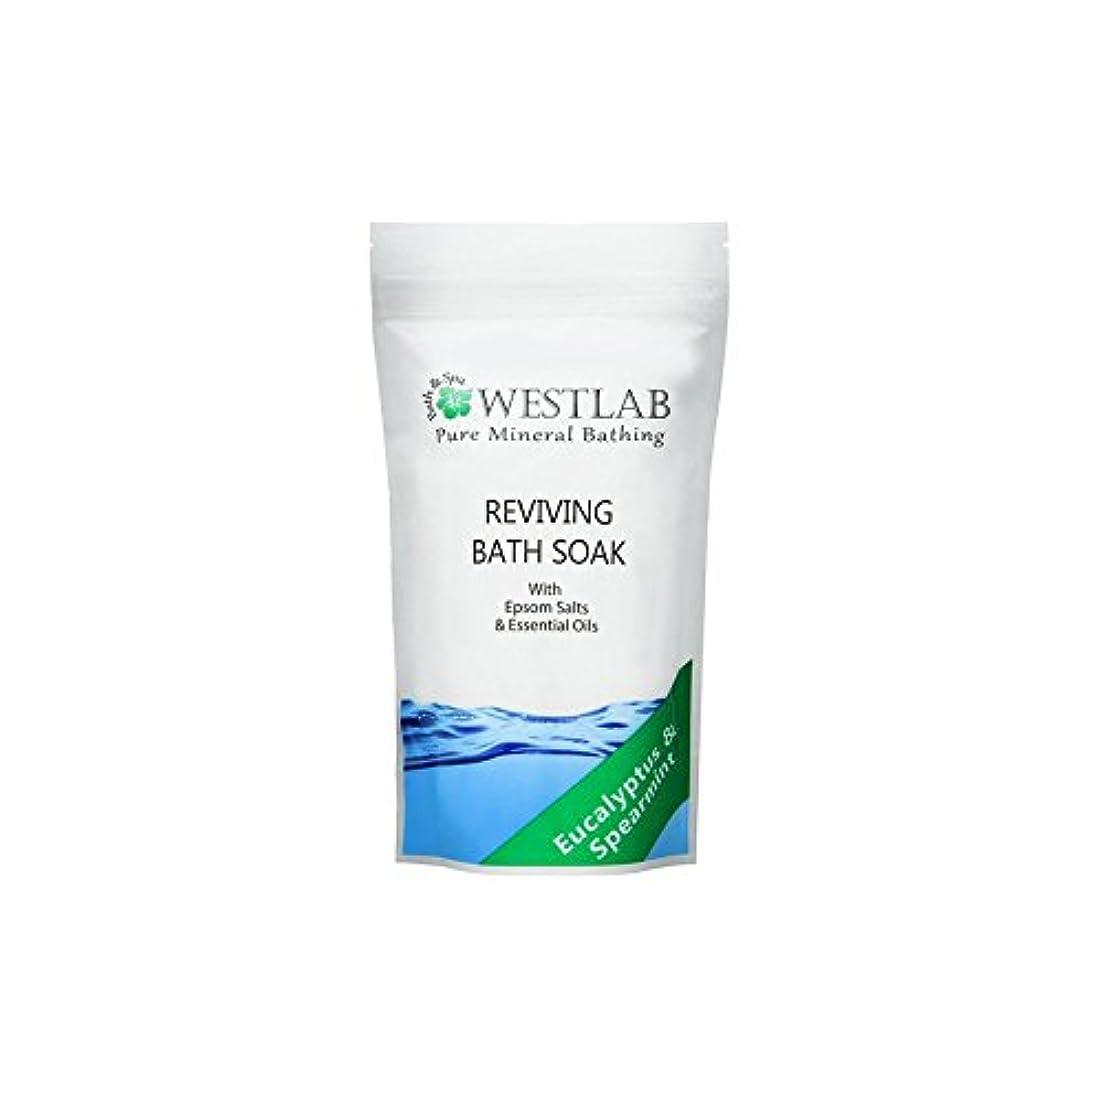 兄弟愛自動車軸Westlab Revive Epsom Salt Bath Soak (500g) - (500グラム)をソークエプソム塩浴を復活させます [並行輸入品]